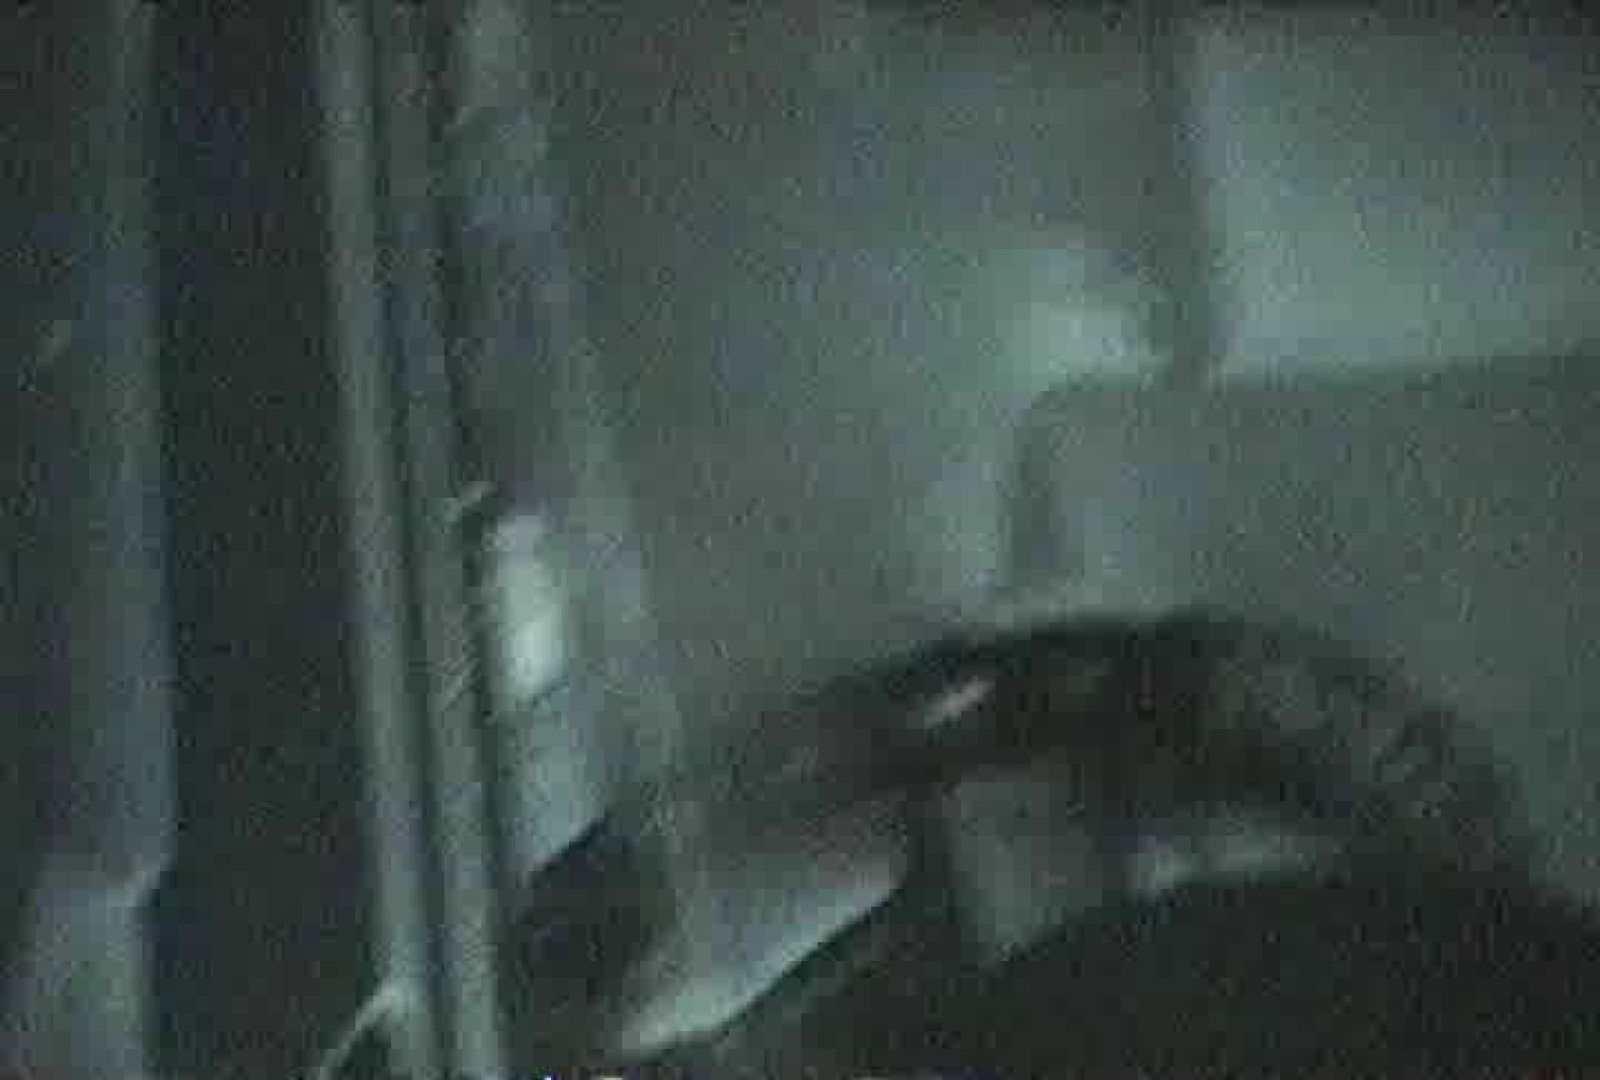 充血監督の深夜の運動会Vol.54 OLの実態  103pic 84